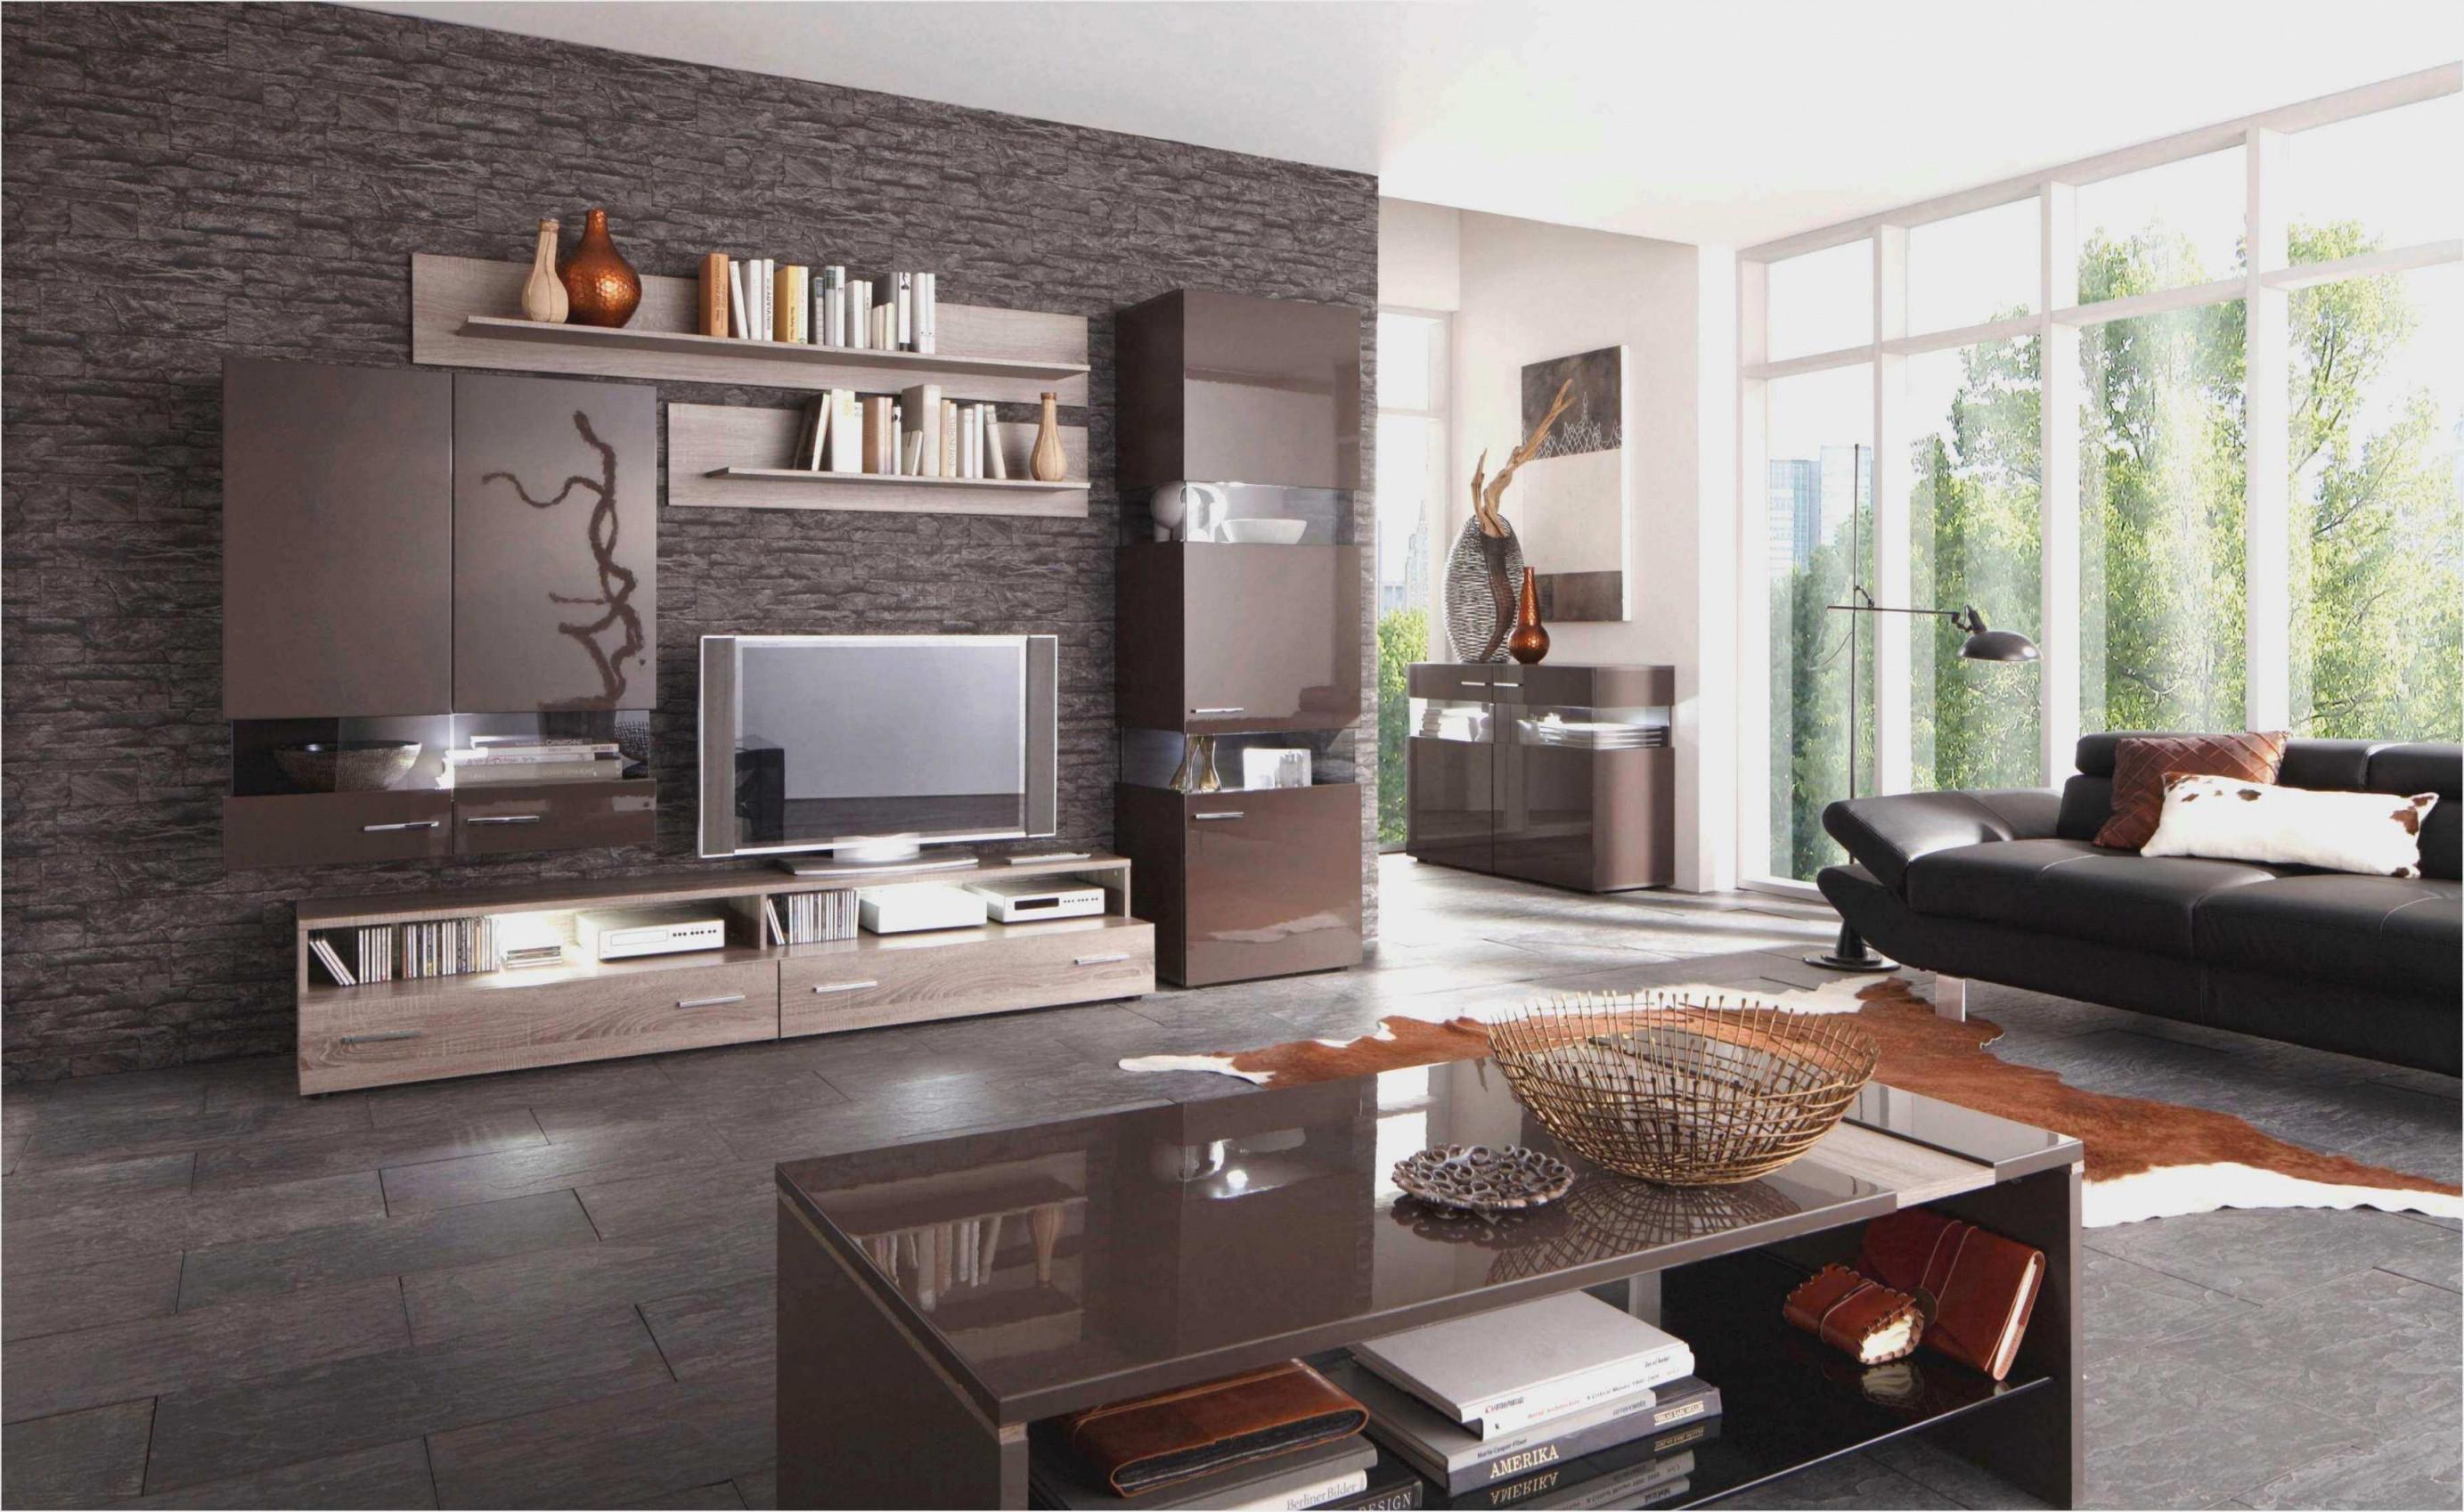 Quadratisches Wohnzimmer Einrichten Neu 20 Qm Wohnzimmer von Quadratisches Wohnzimmer Einrichten Bild